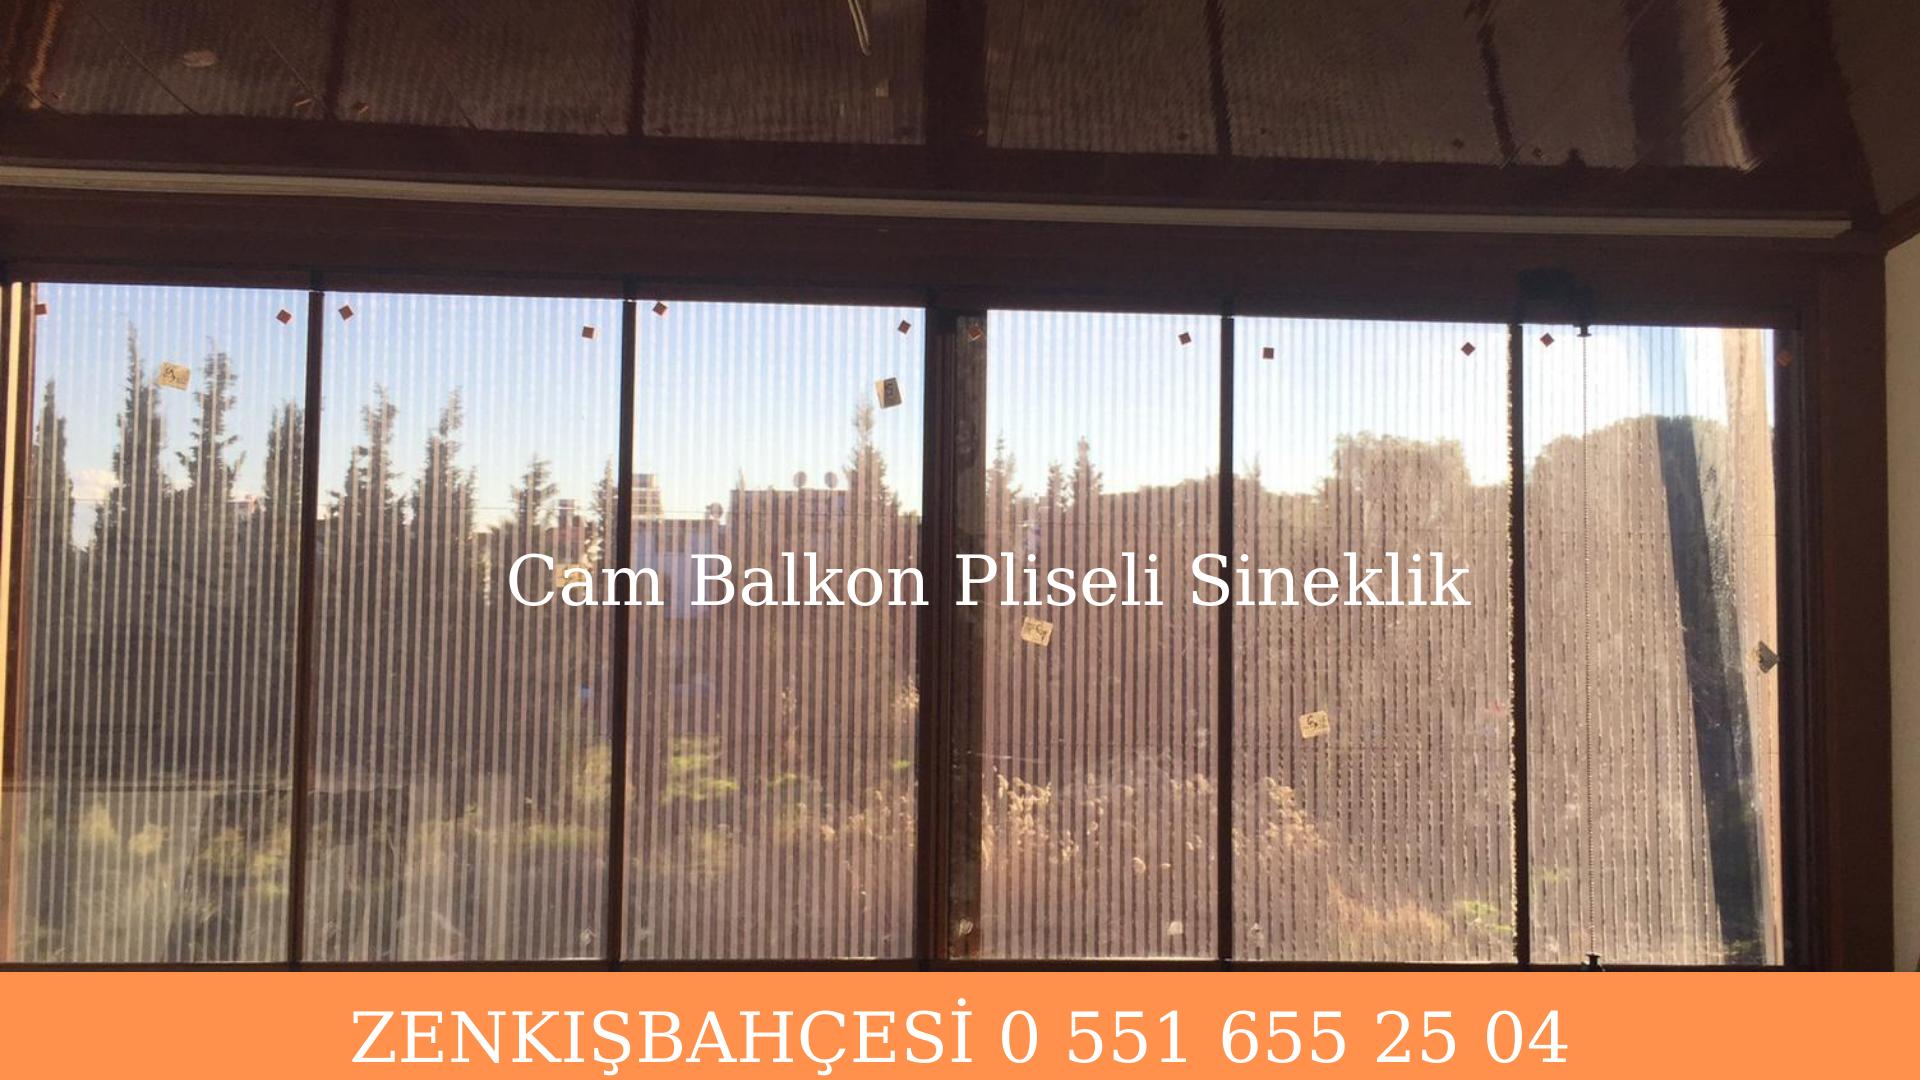 Cam balkon sineklik İzmir